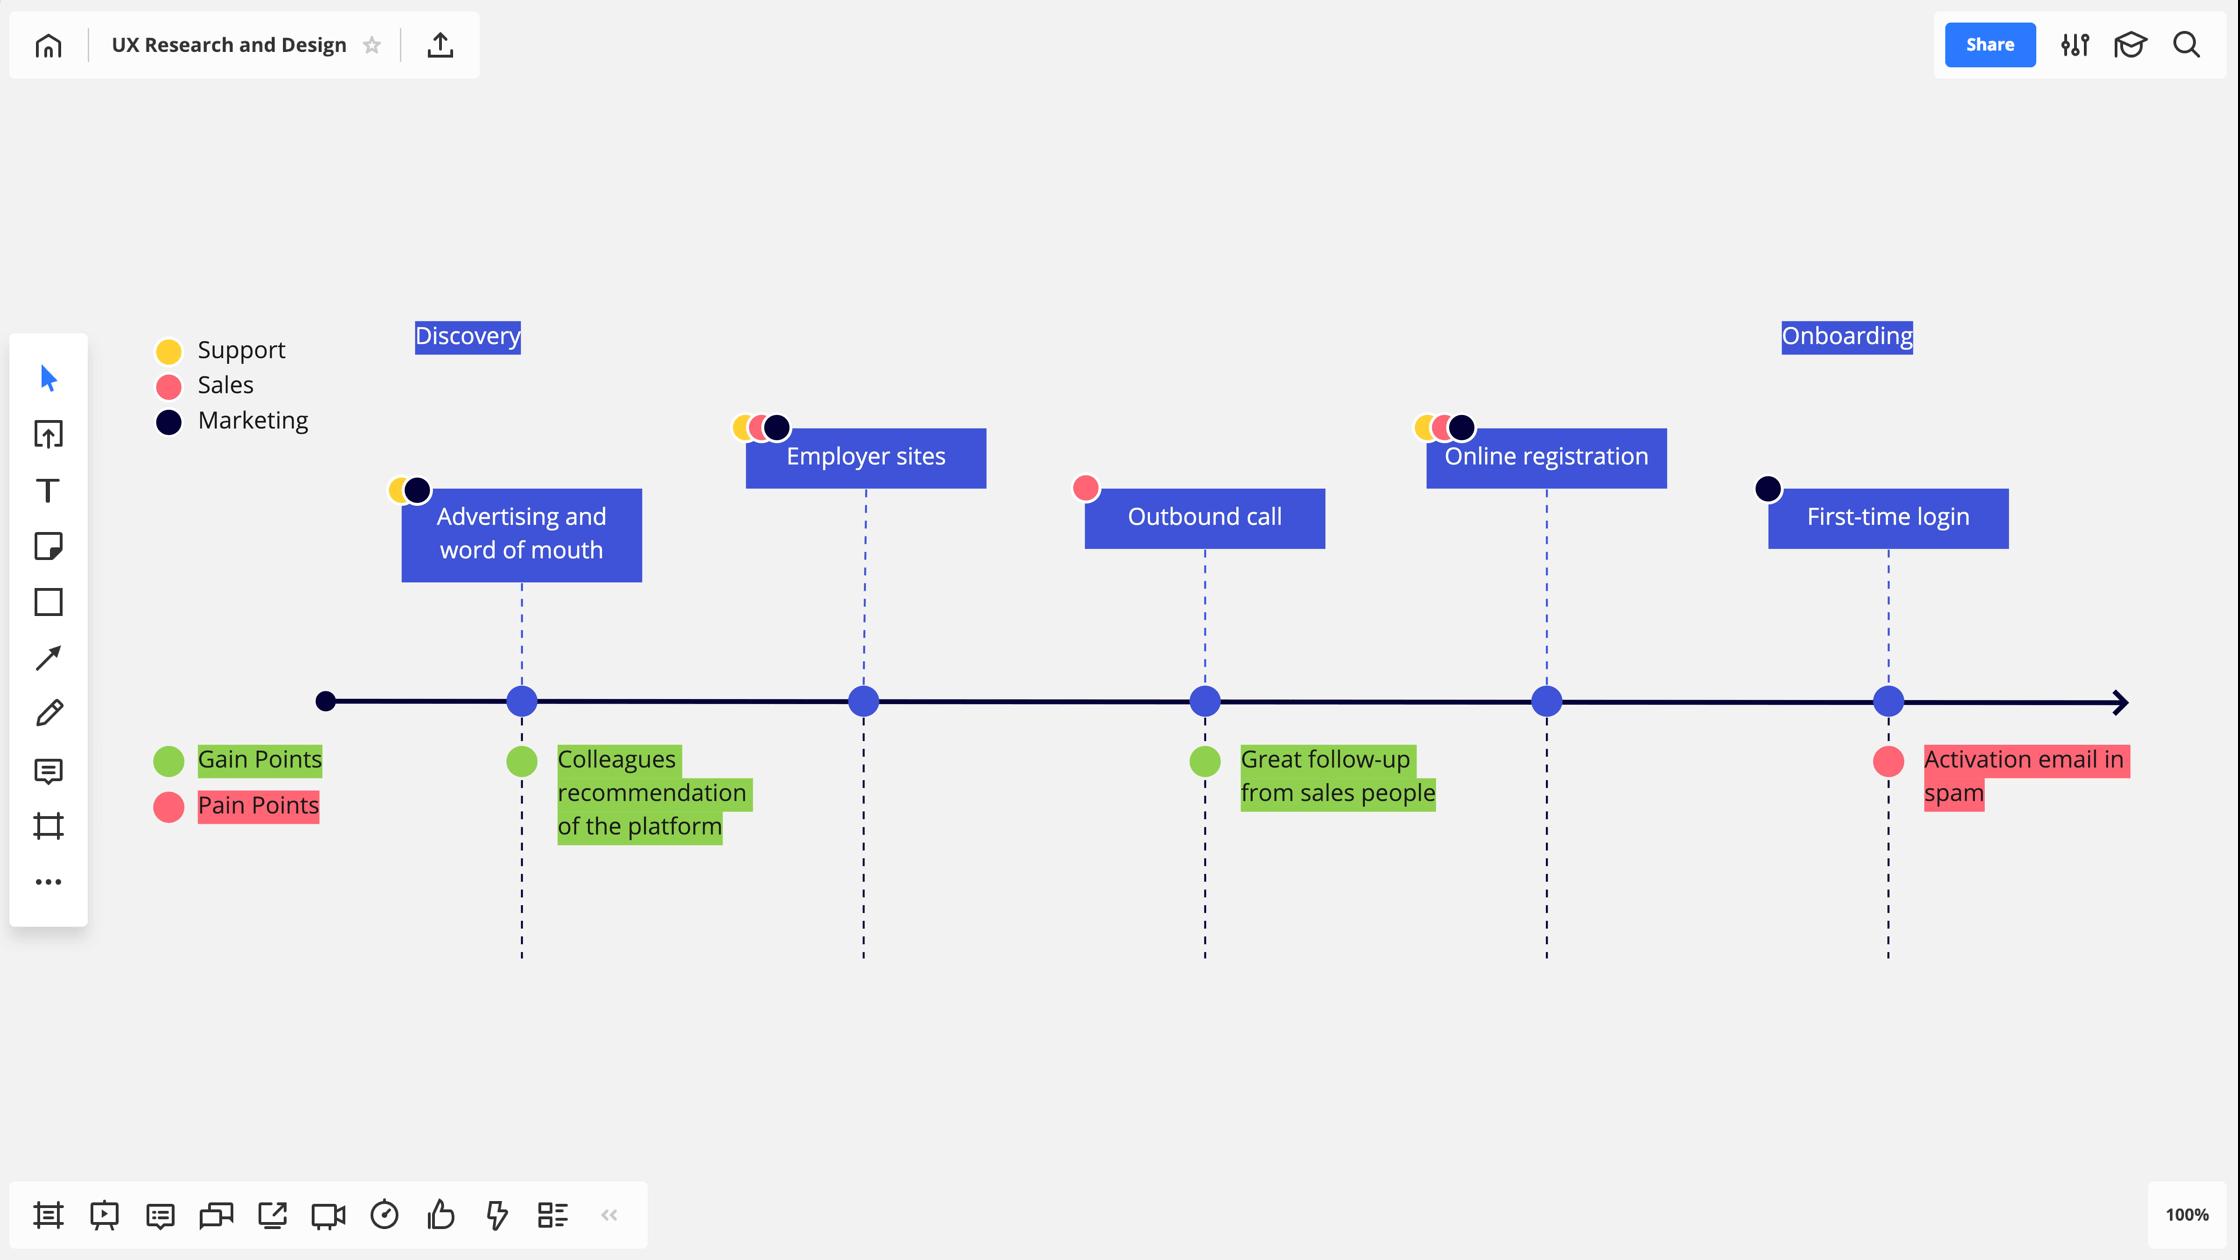 Customer Journey Map (CJM): Примеры, построение карты CustomerJourneyMapдословно переводится как «карта путешествия клиента». Метод применяется маркетингом для улучшения прохождения воронки продаж и по сути является её детальным описанием. В продуктовой разработке используется для улучшения показателей по какому-то критичному для бизнеса сценарию. Например, регистрация и настройка рабочего места оператора. Как можно понять, оператор call-центра — никакой не клиент. Однако, оптимальность его сценариев работы очень сильно влияет на доходы бизнеса и CJM тут тоже может помочь.  customer journey map